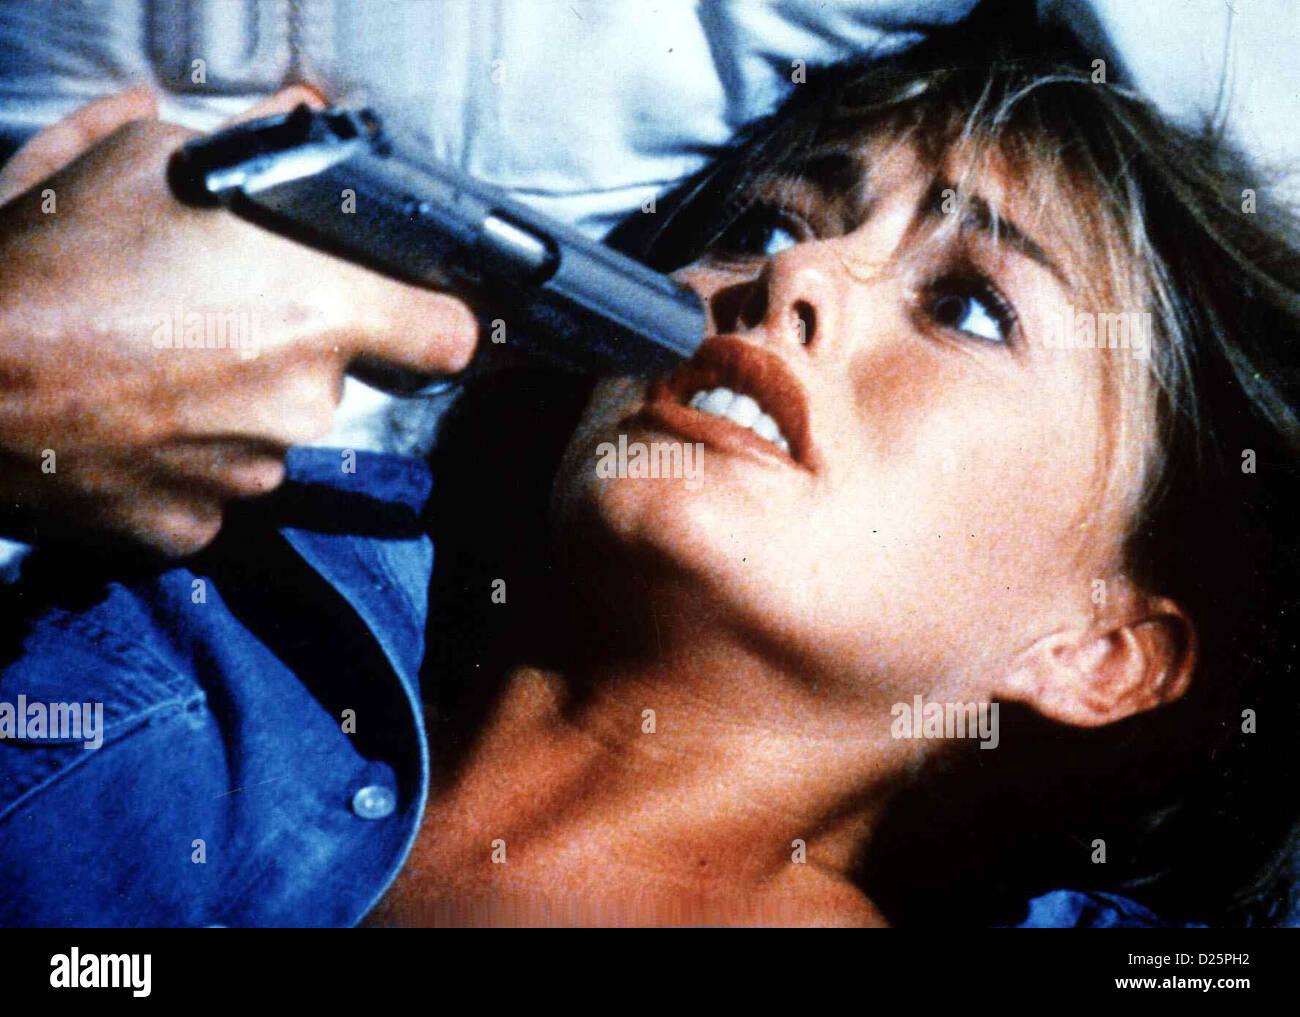 Total Terminator  Timebomb  Patsy Kensit Als Eddie Kay eines Tages ein Kind rettet, wird er anschliessend von gewalttaetigen - Stock Image